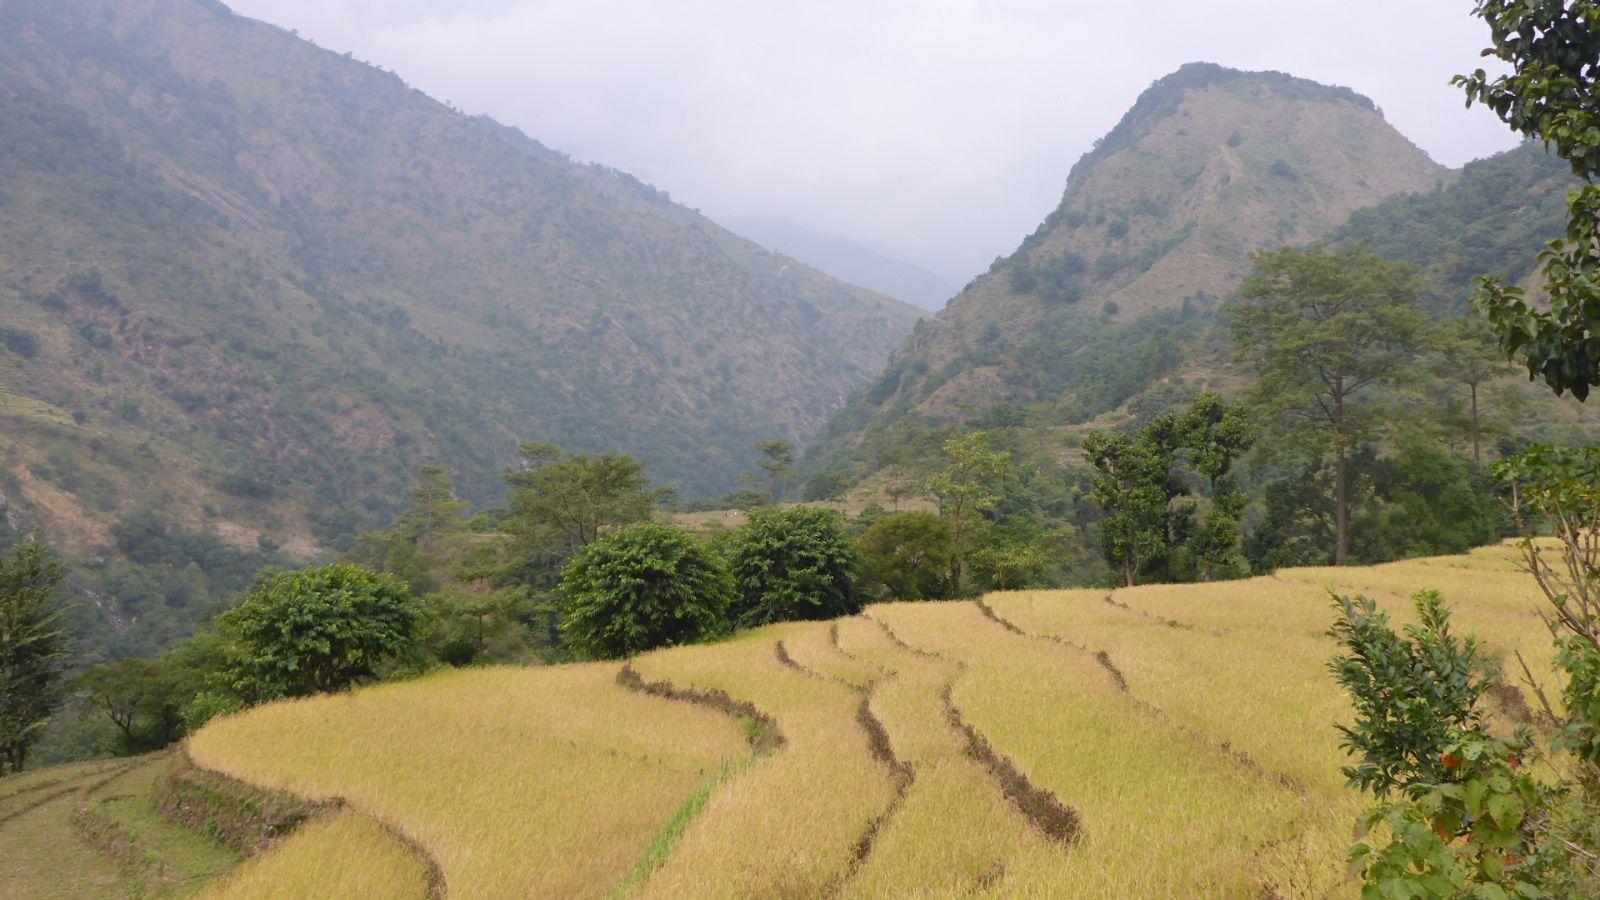 Später goldgelbe Reisfelder in der Abendsonne